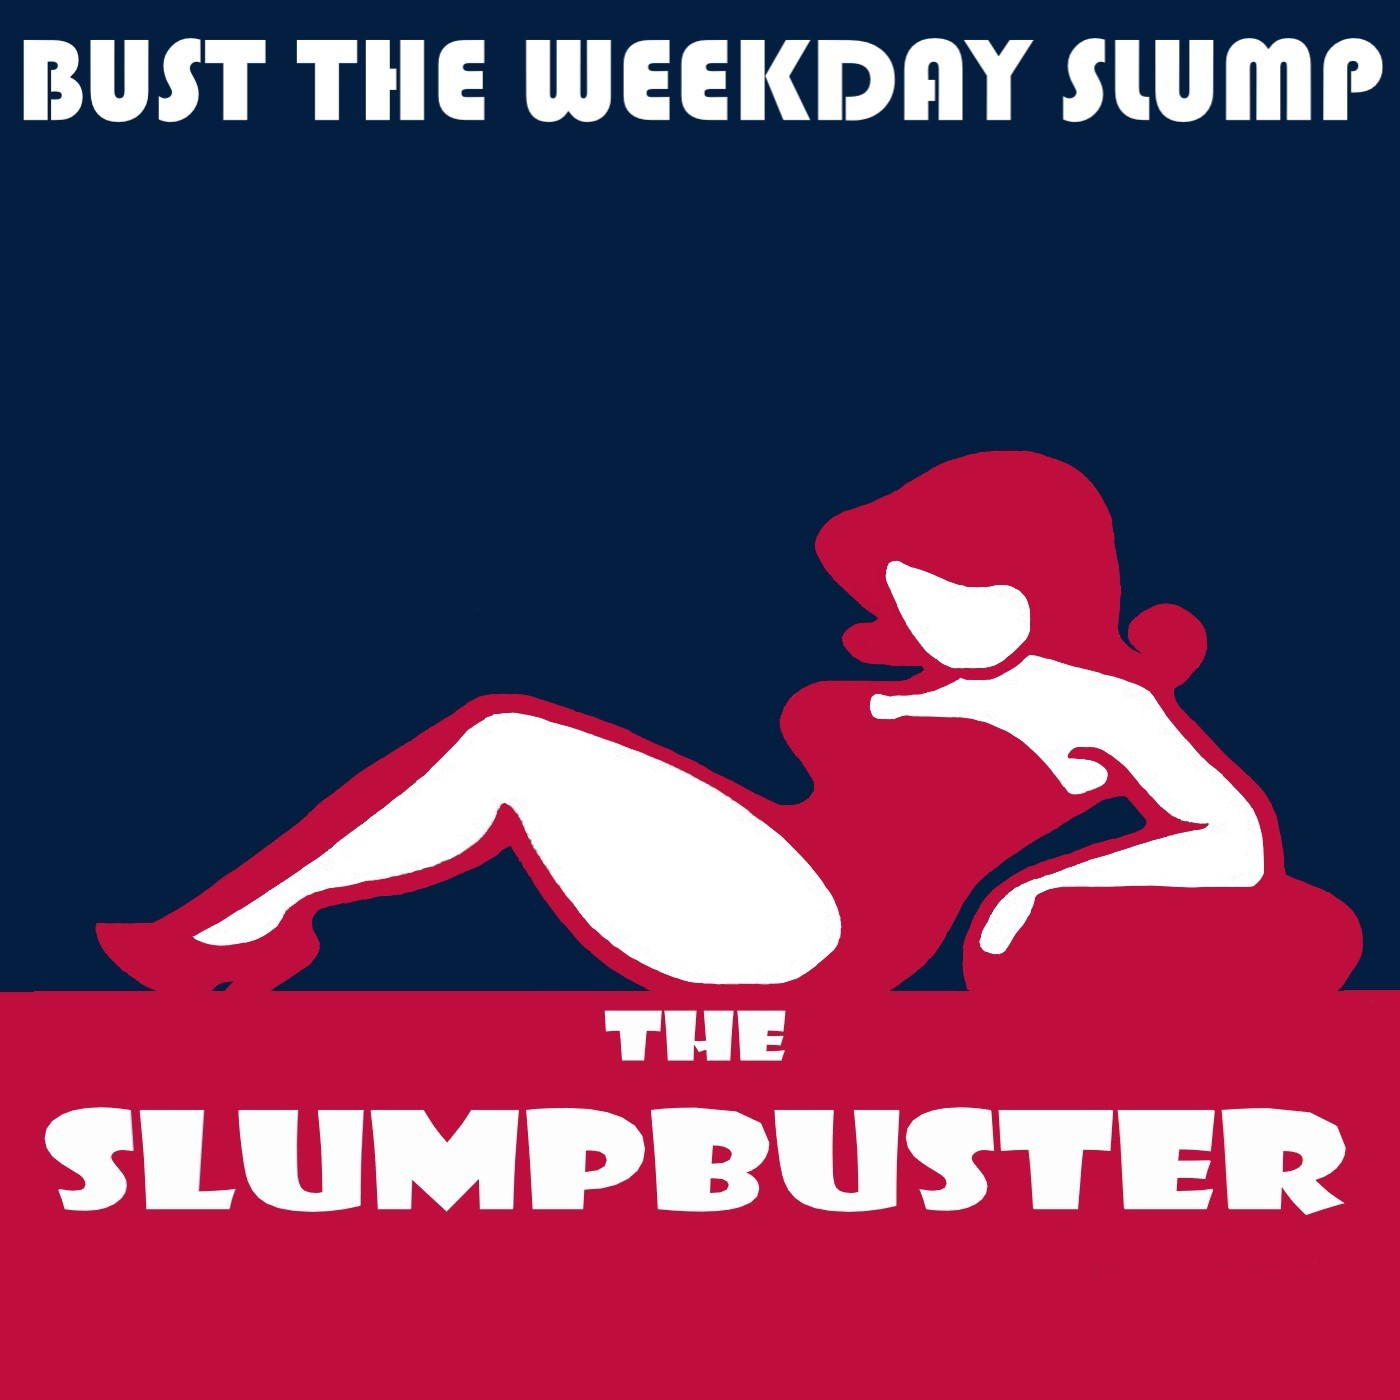 The Slumpbuster show art